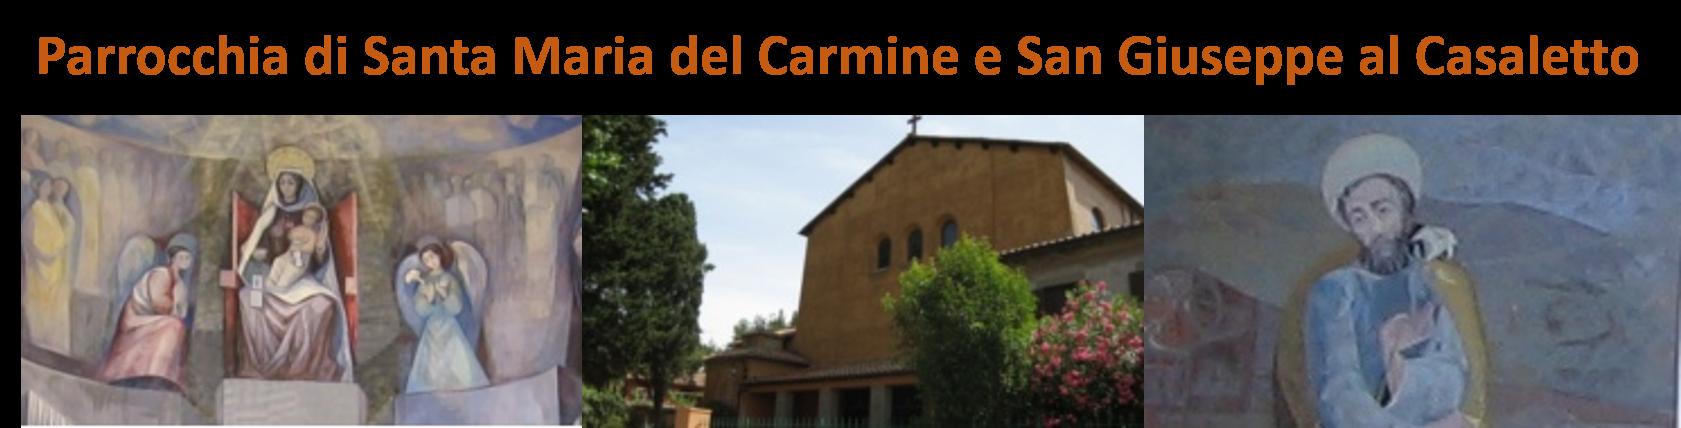 Sito Web della Parrocchia di Santa Maria del Carmine e San Giuseppe al Casaletto in Roma